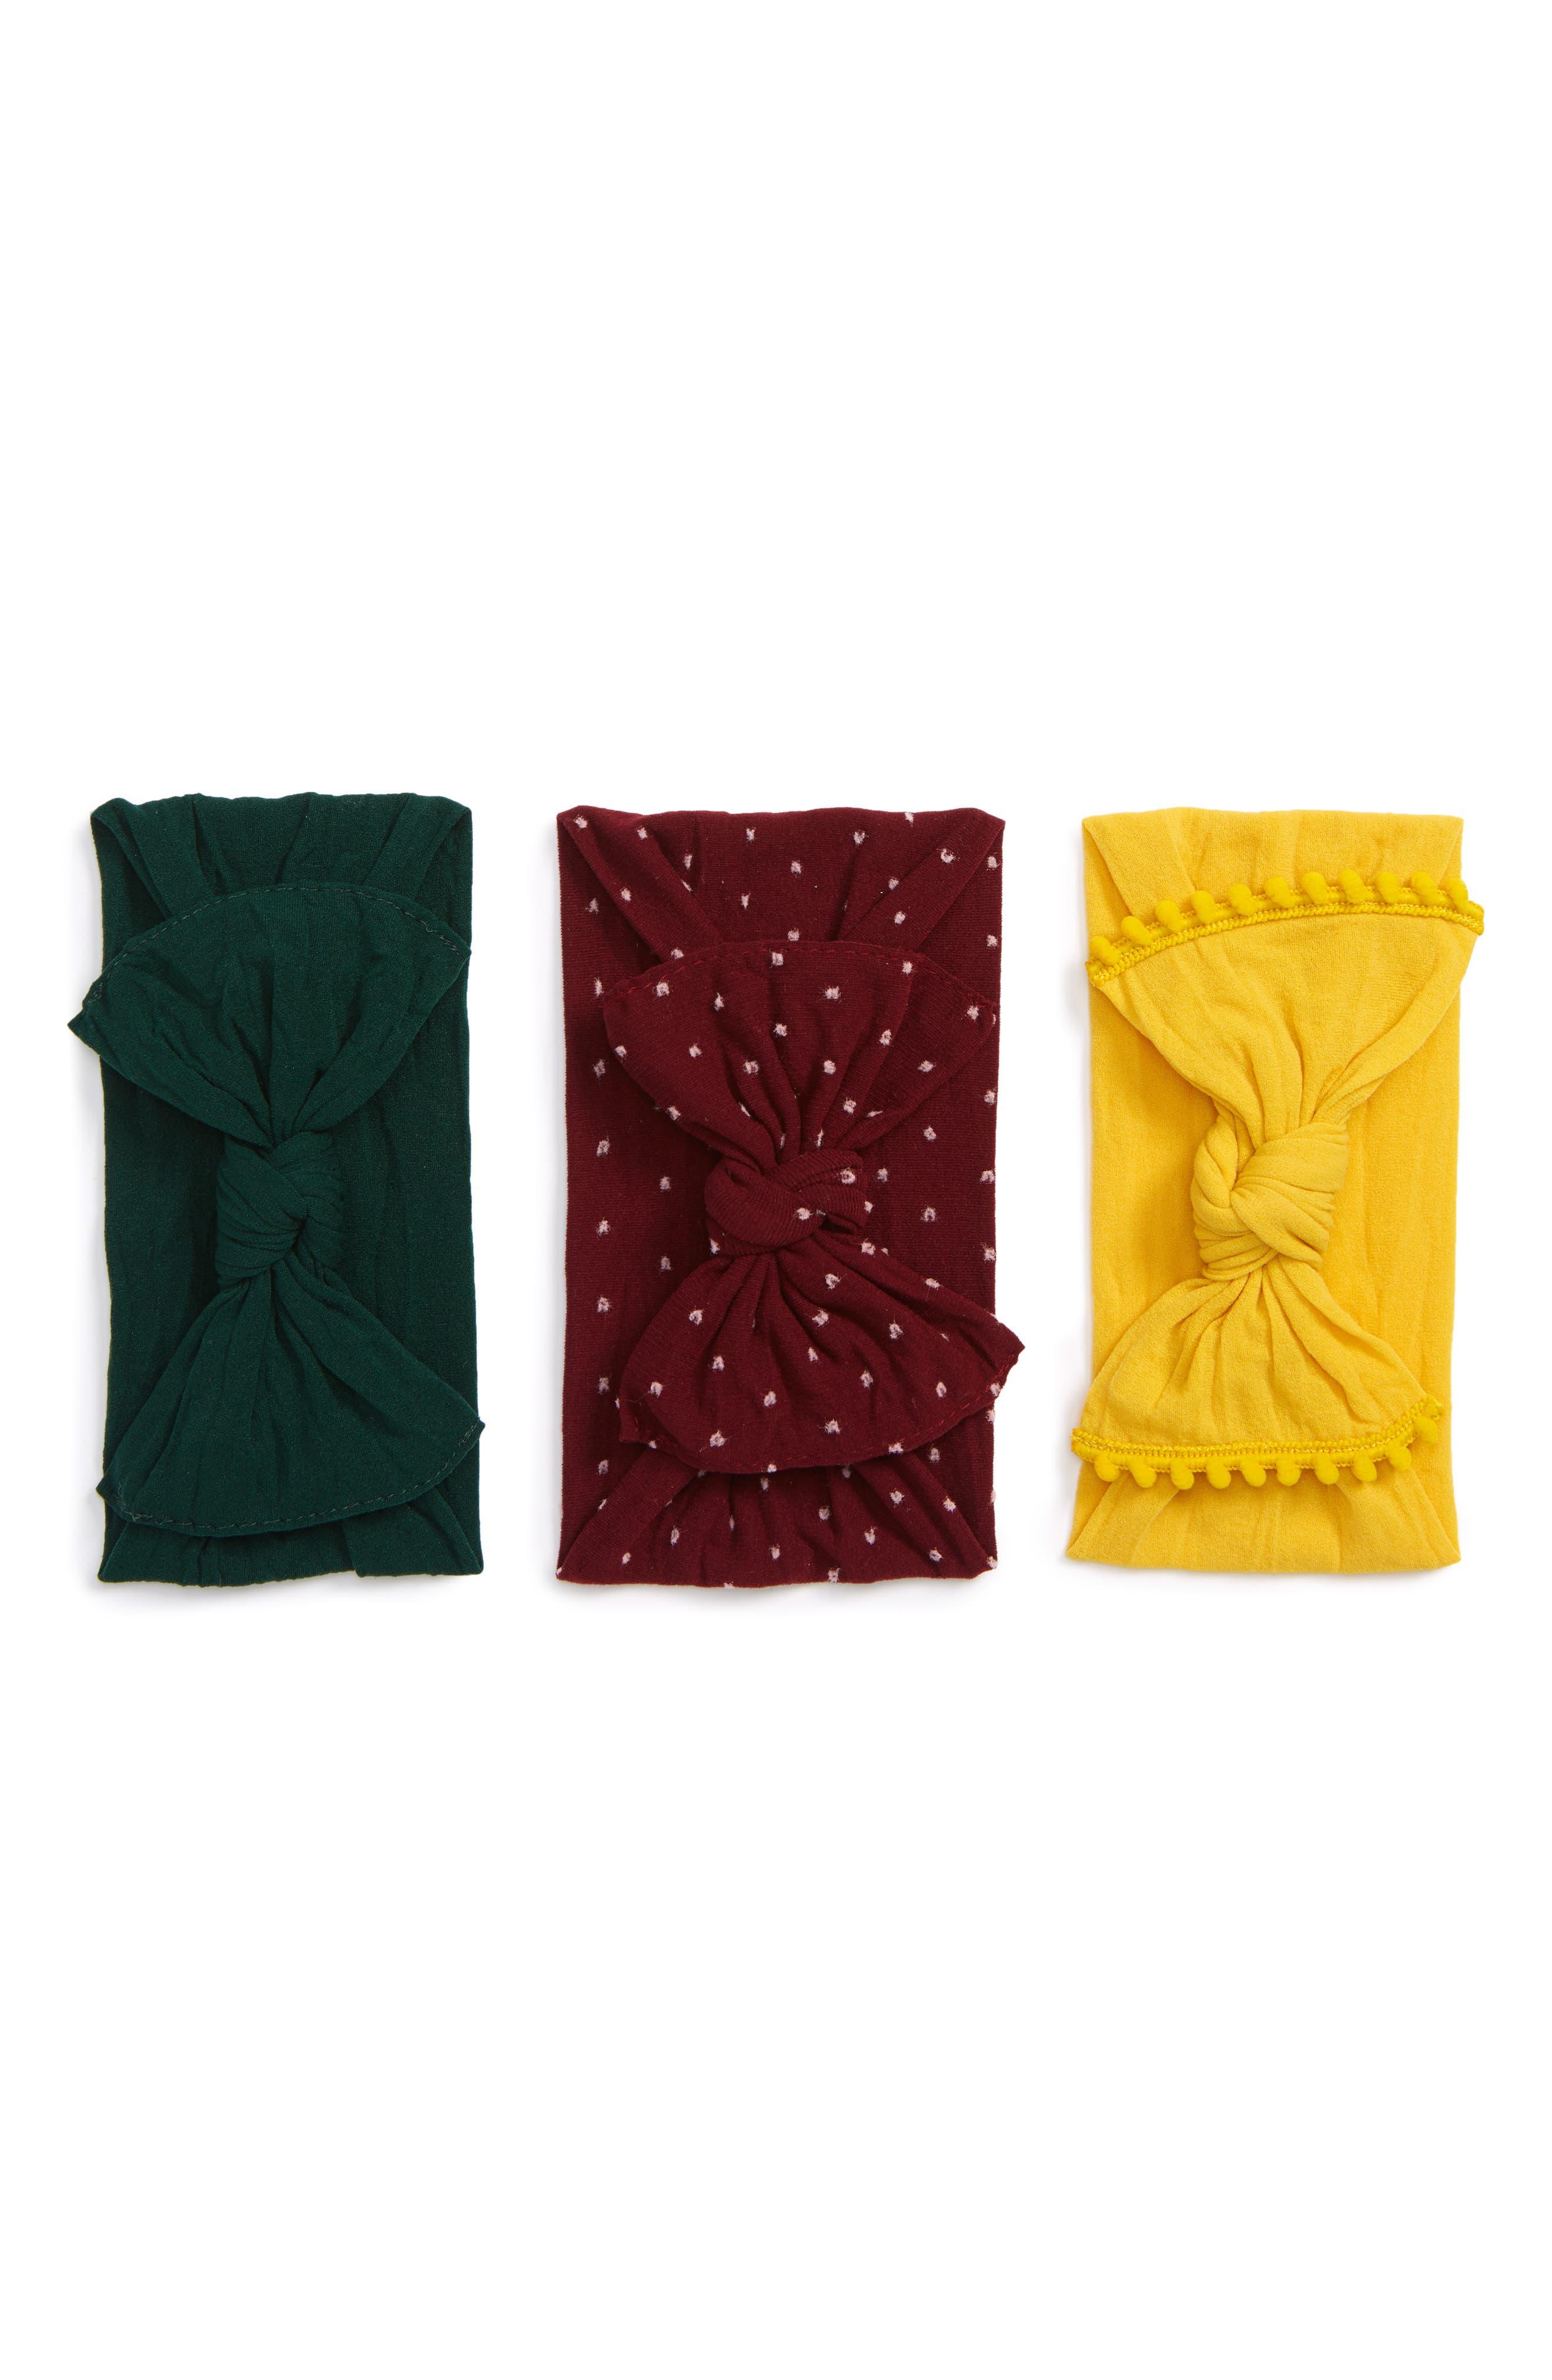 3-Pack Knot Headbands,                             Main thumbnail 1, color,                             930